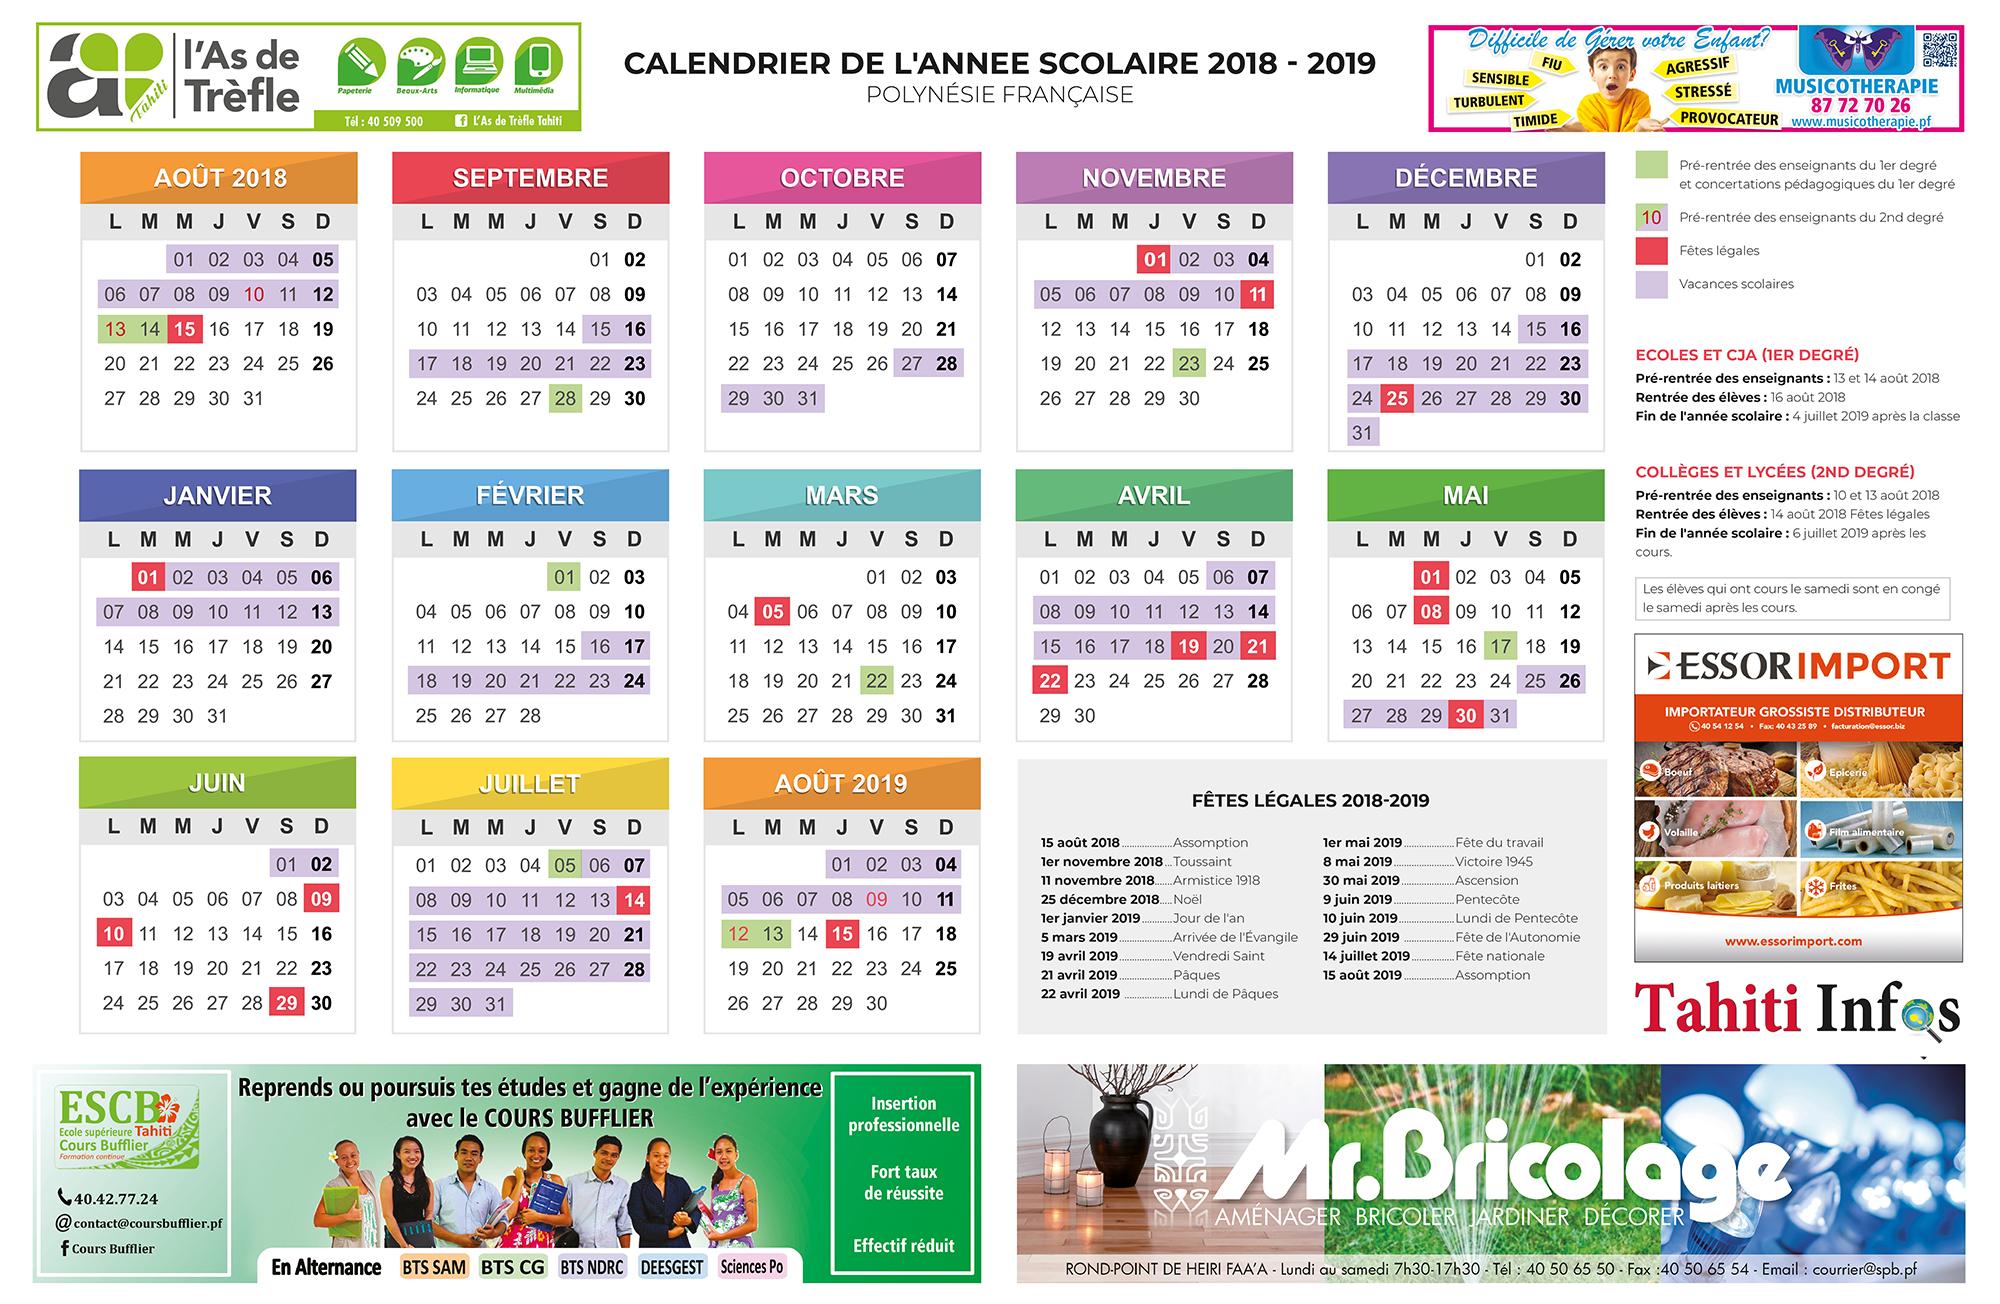 Calendrier Paques 2019.Le Calendrier Scolaire 2018 2019 A Telecharger